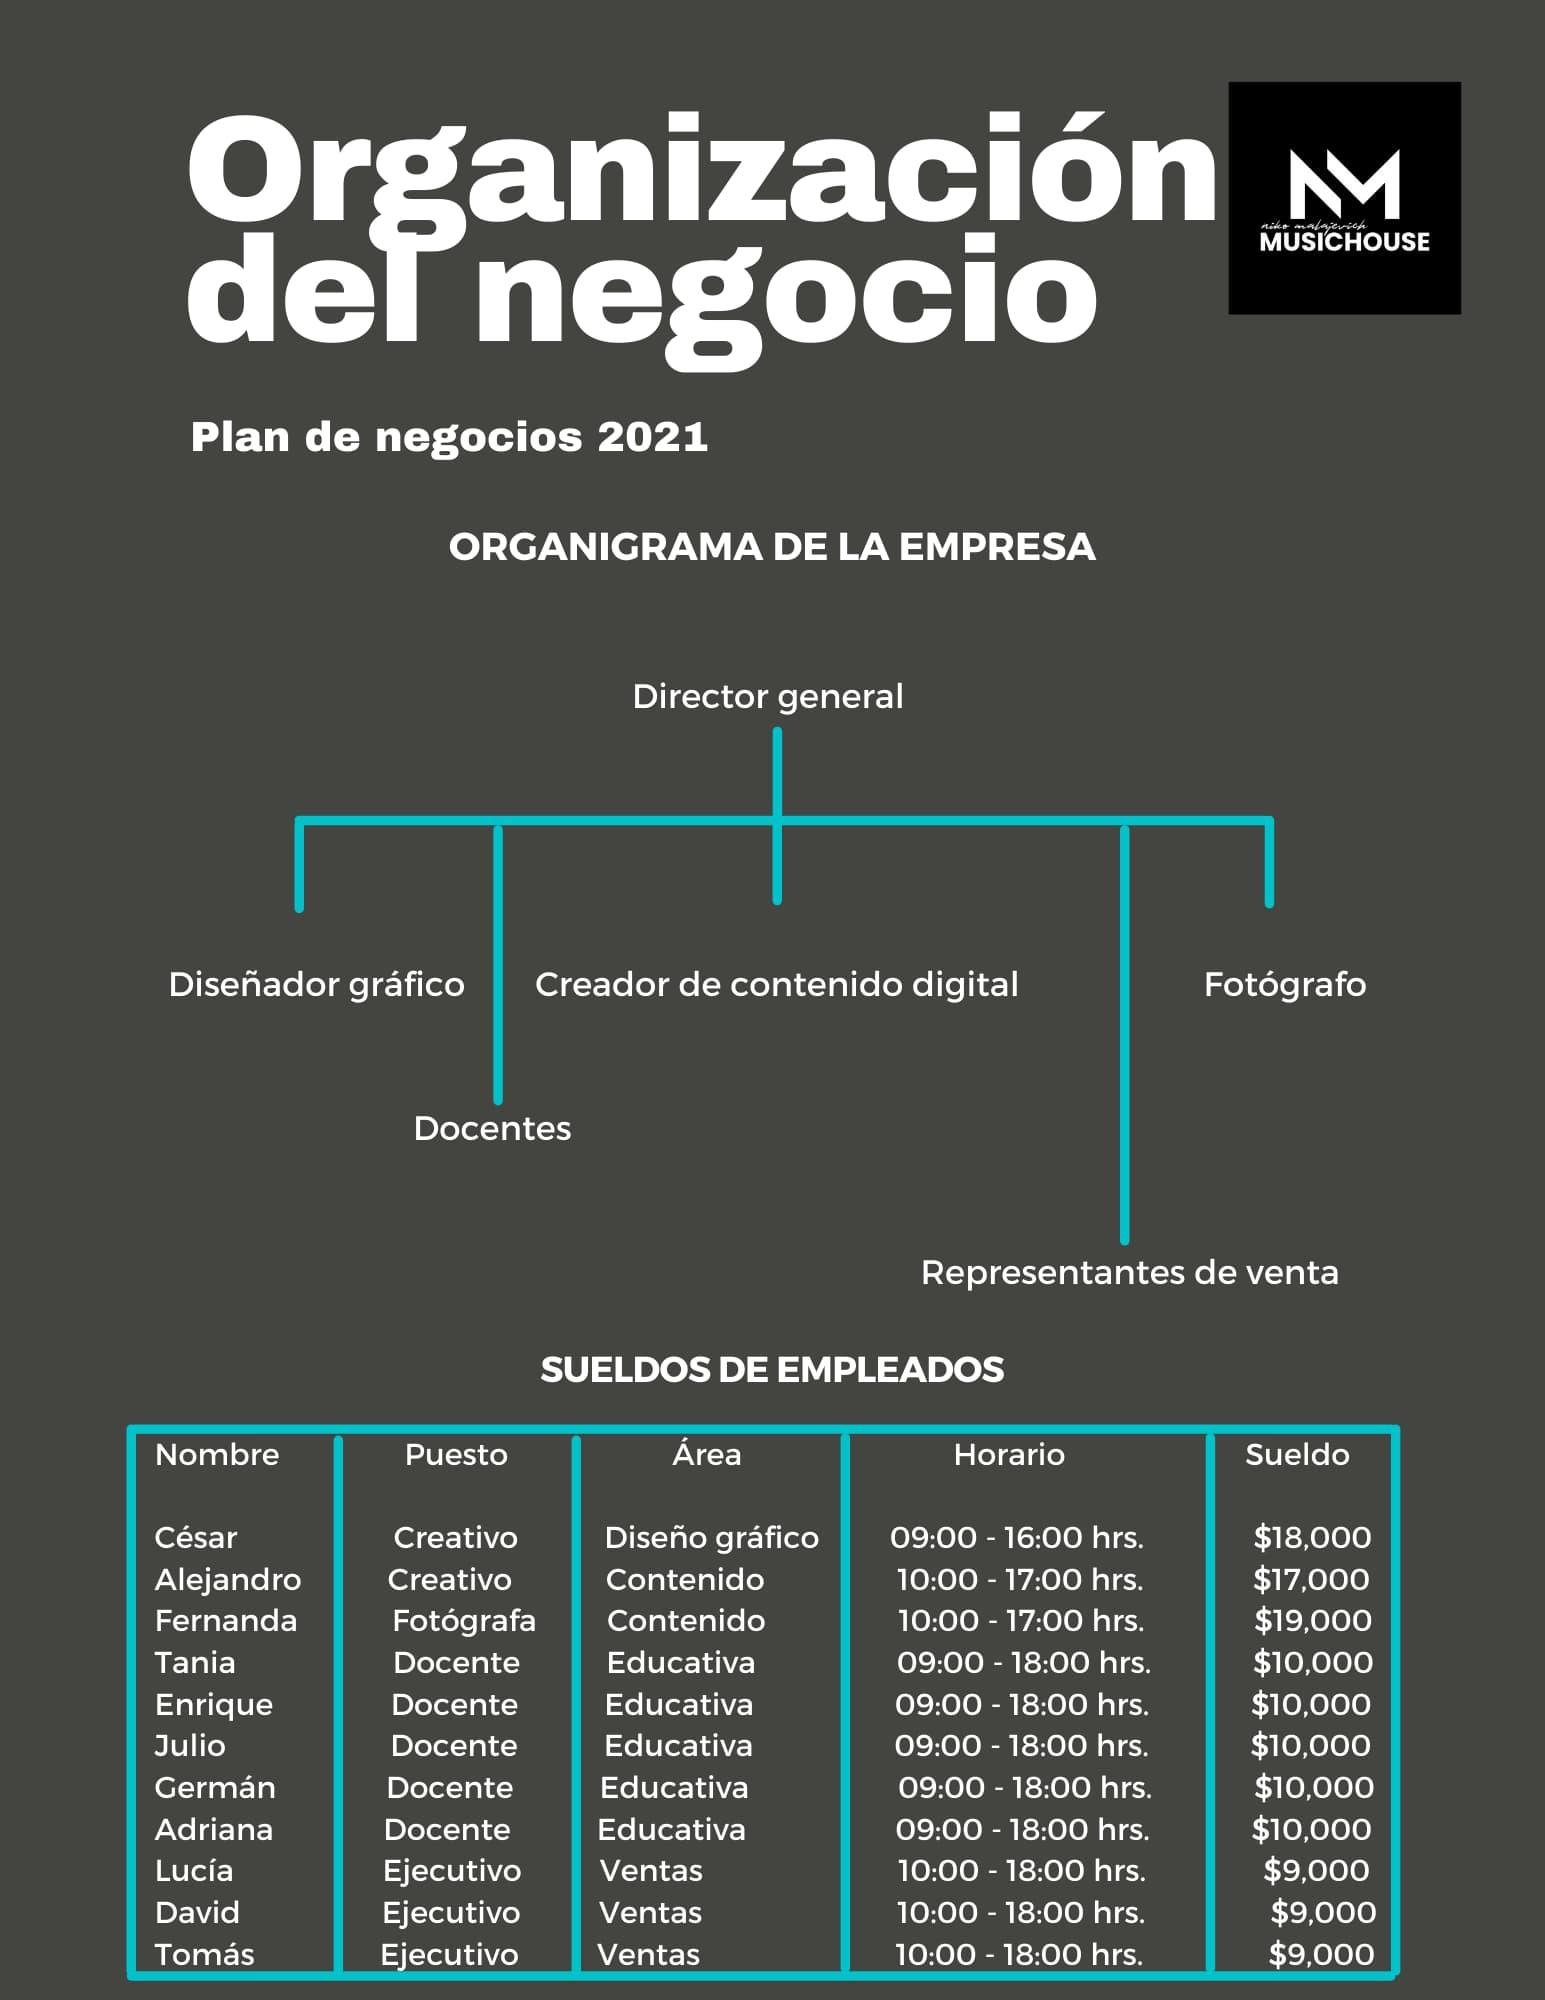 Organización del negocio para el plan de negocios